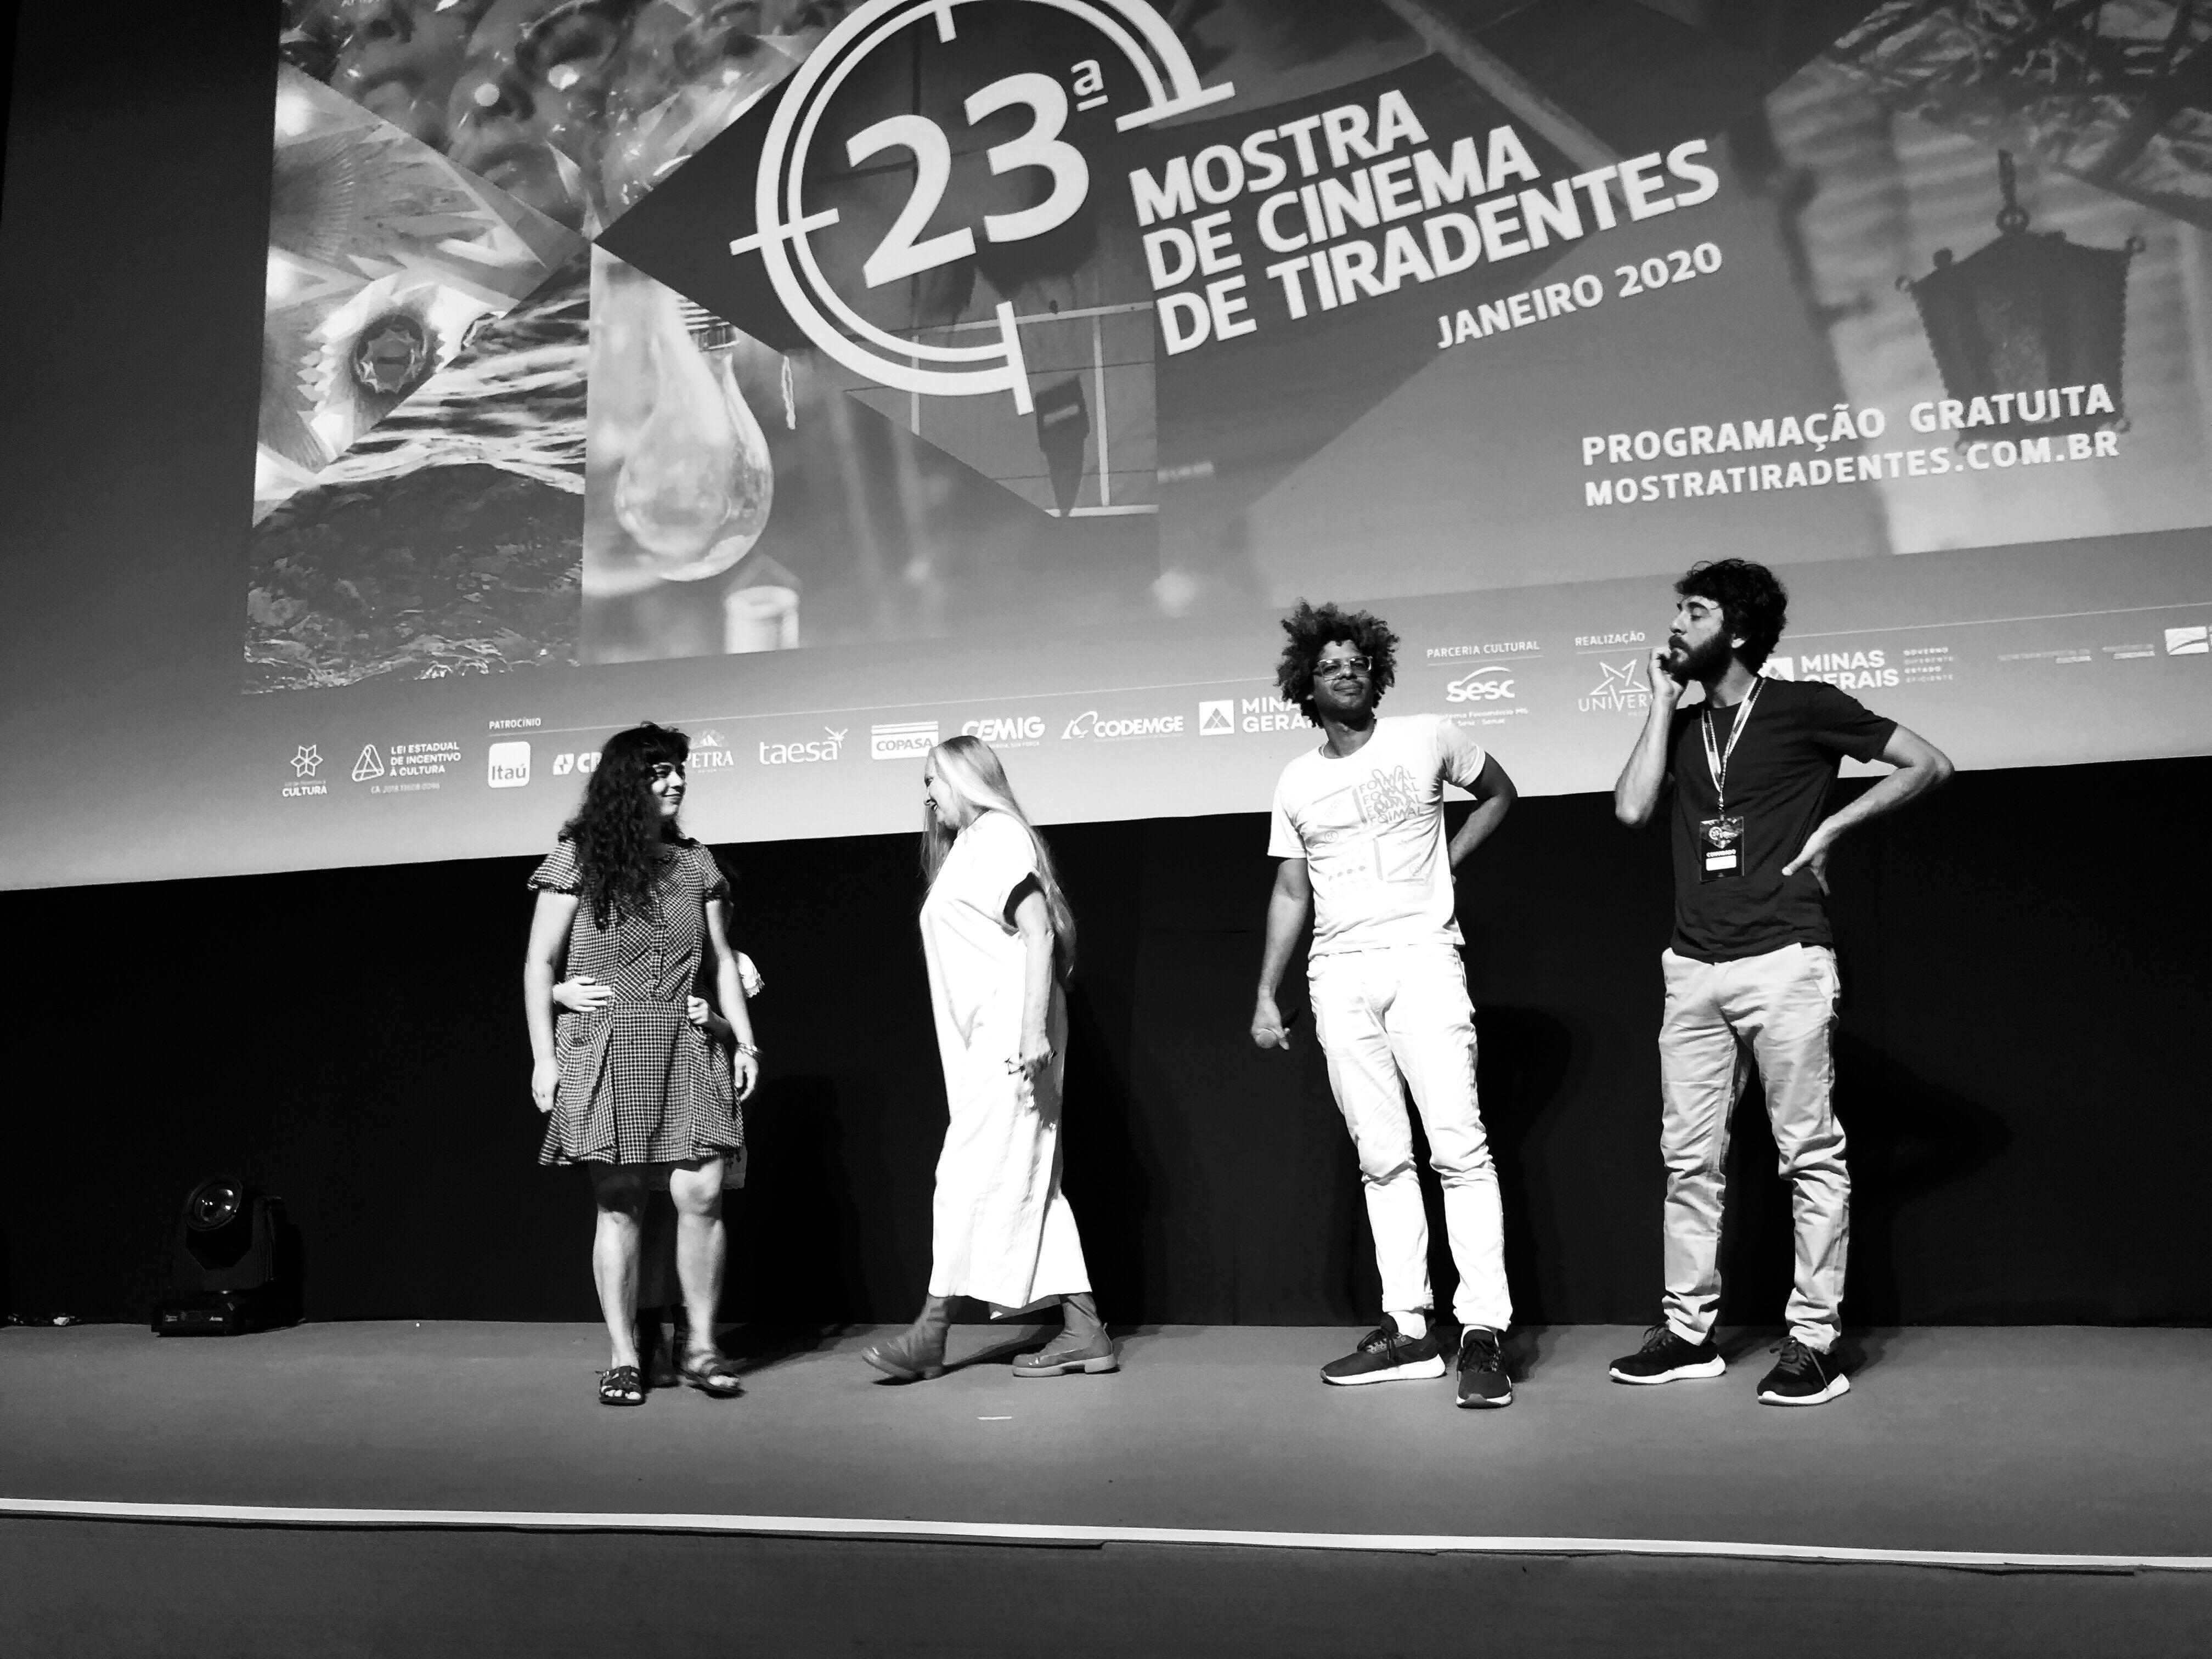 MOSTRA DE CINEMA DE TIRADENTES 2020 (04): LA MÚSICA DEL CEREBRO